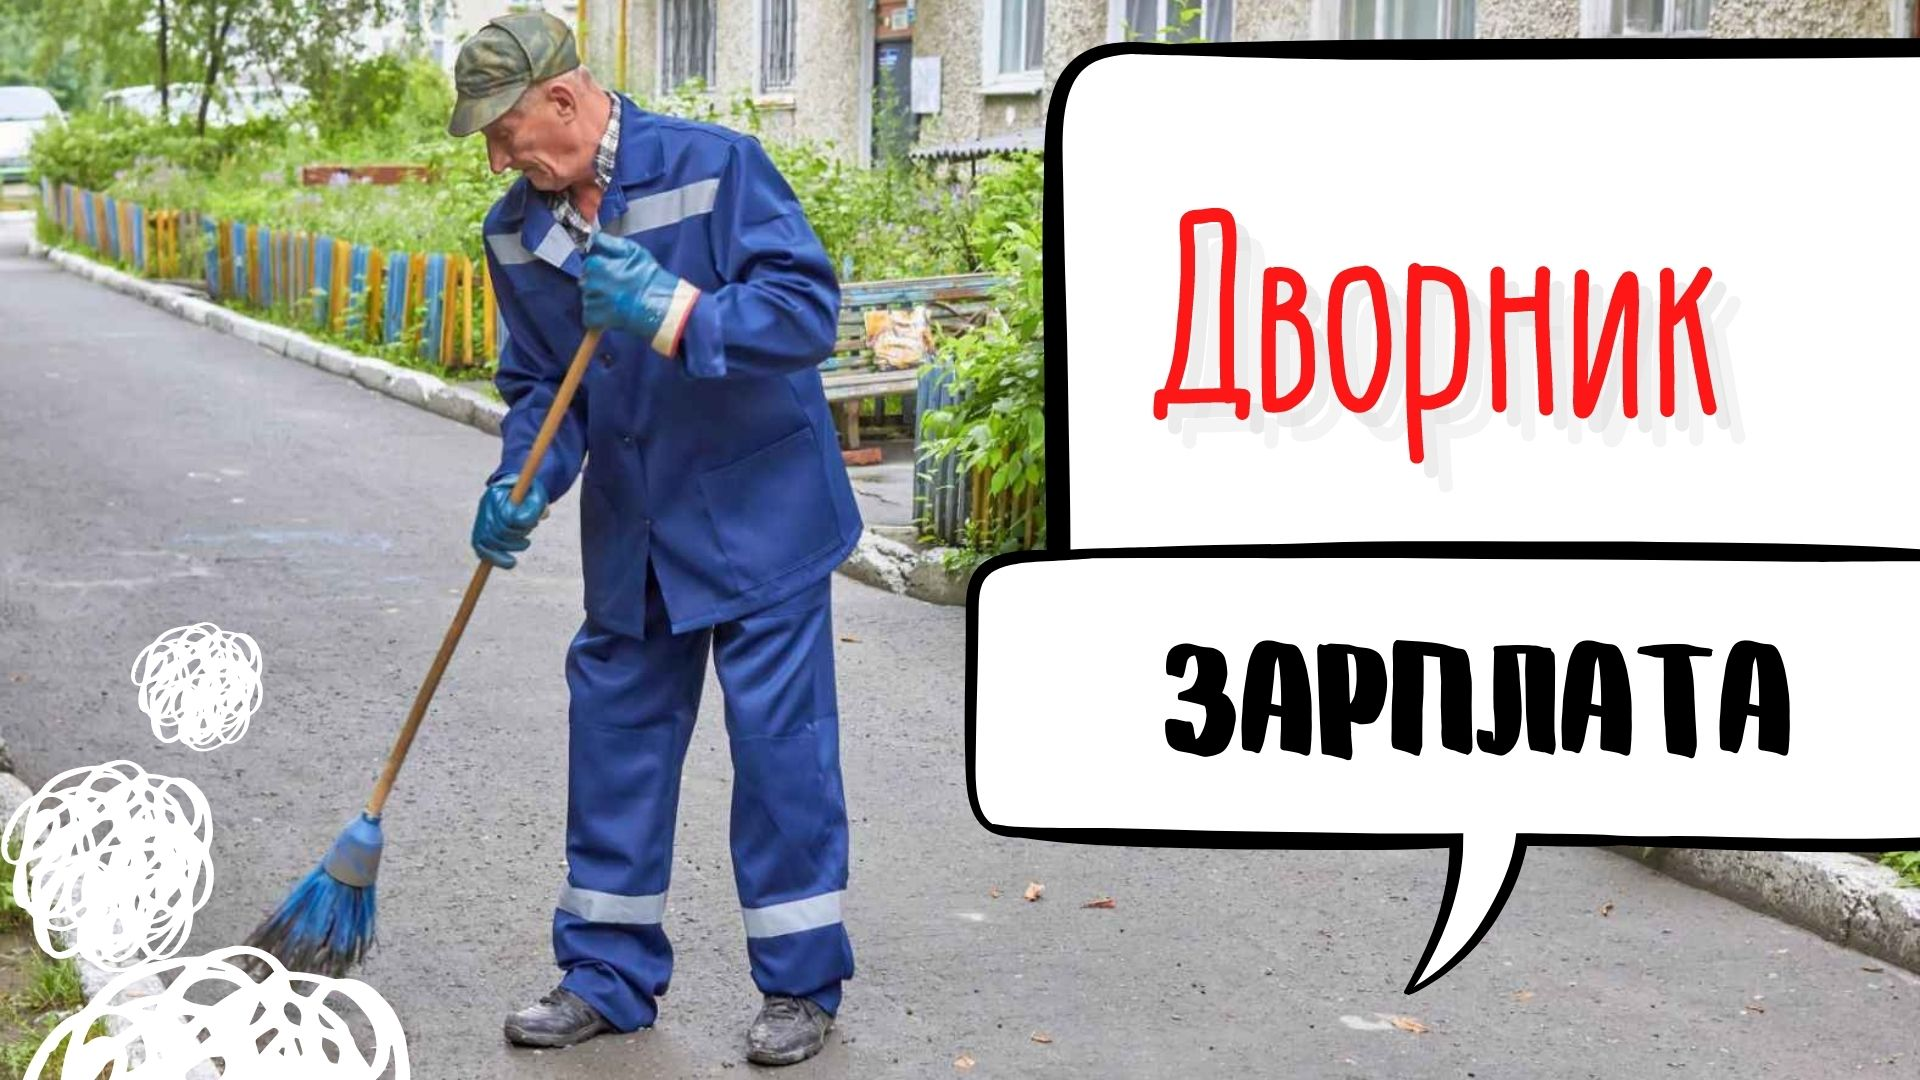 Сколько зарабатывают дворники. Россия 2021